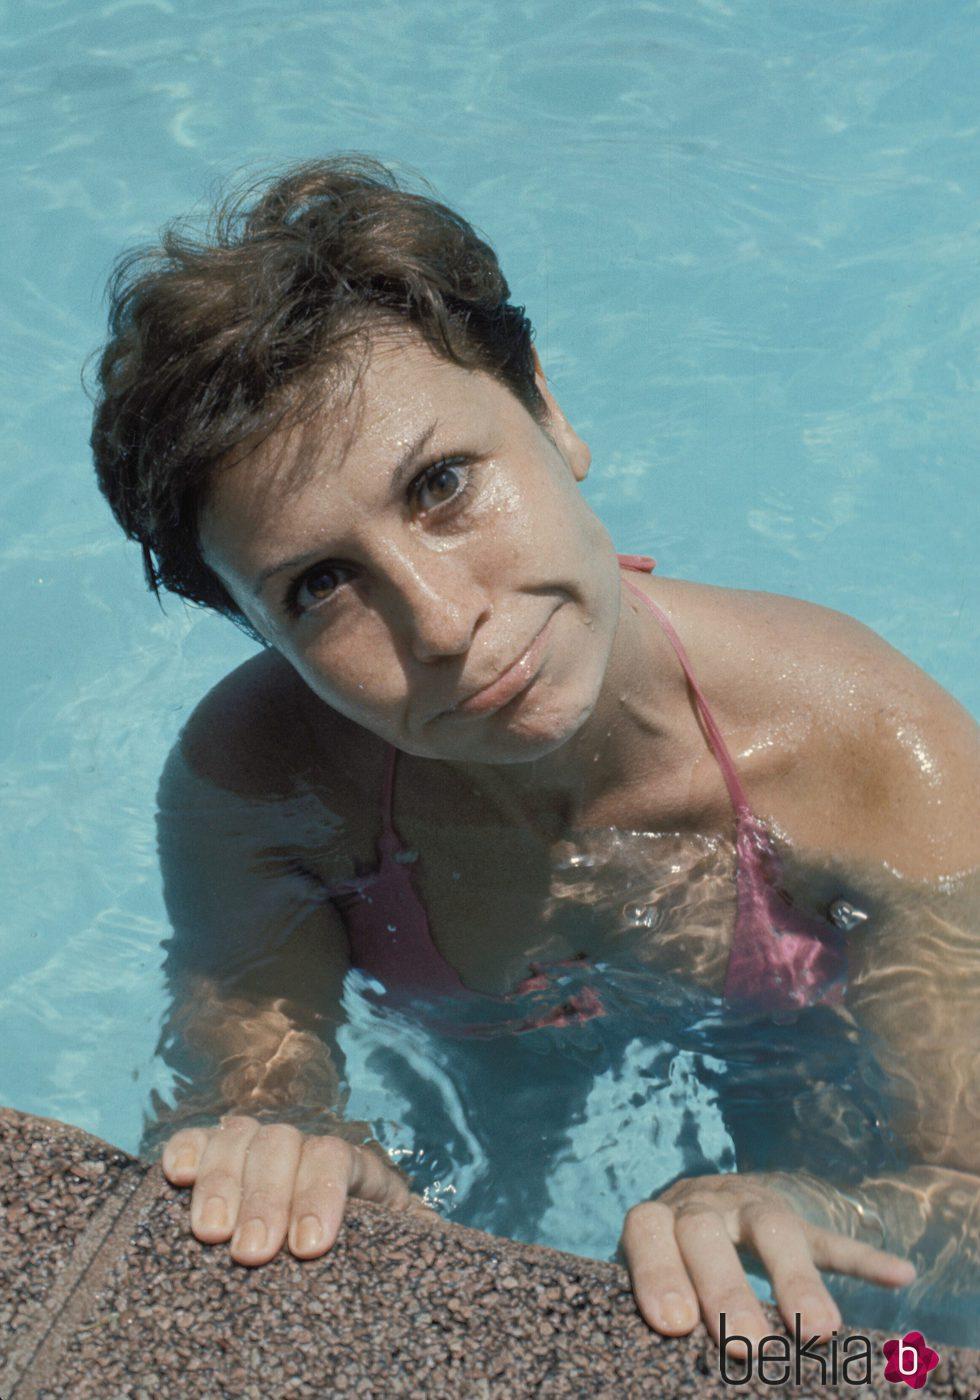 Lina Morgan dándose un chapuzón en la piscina